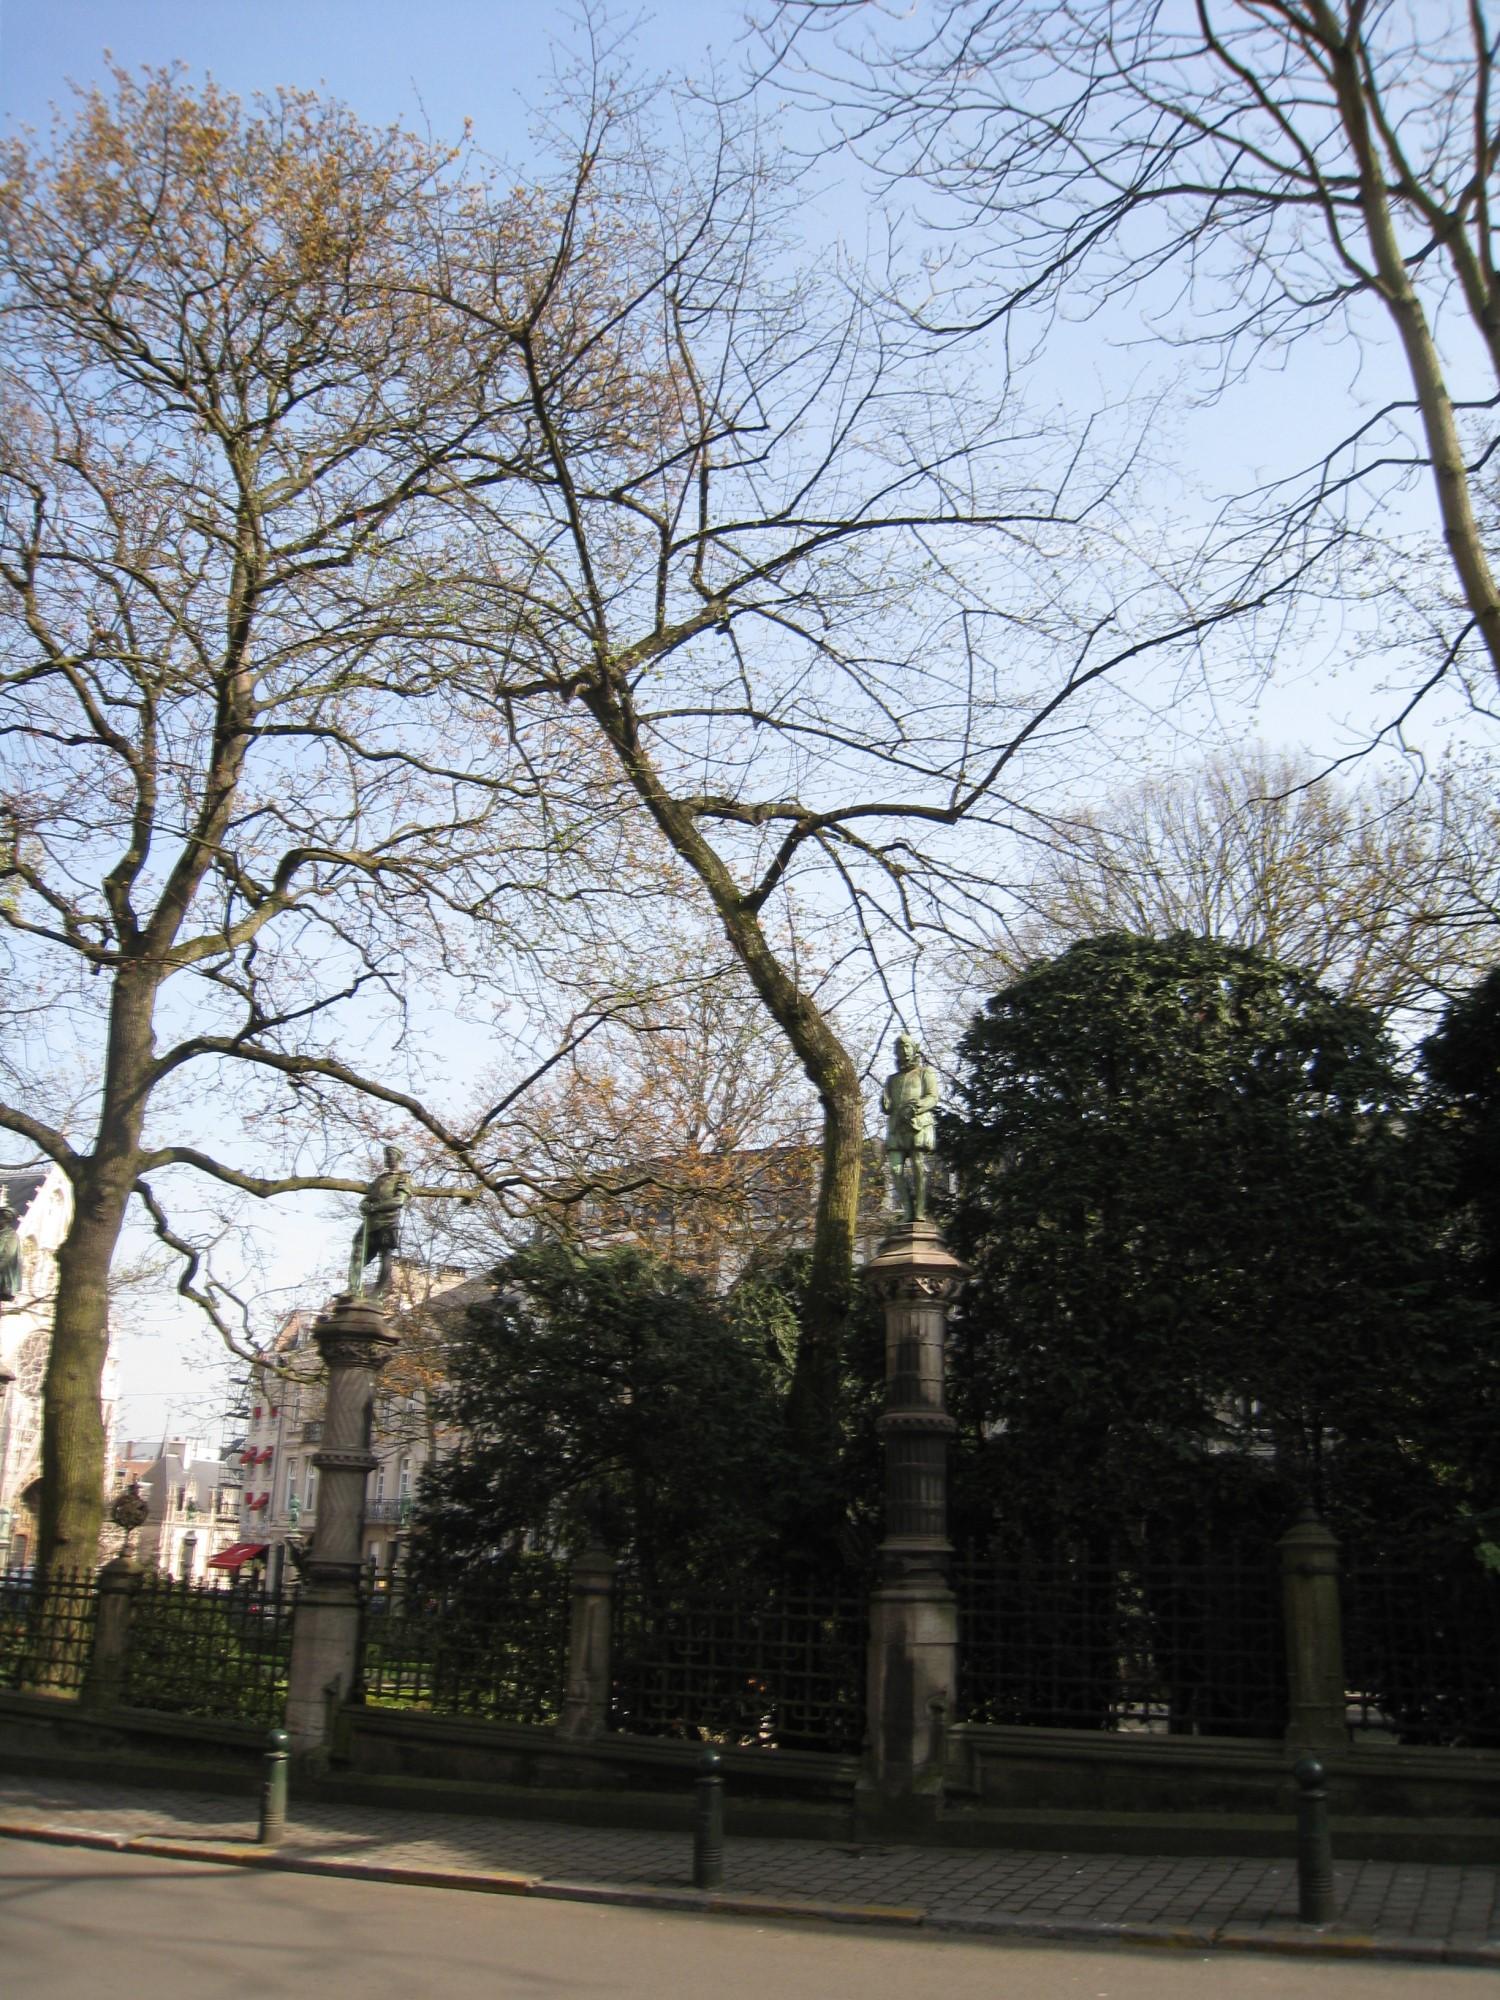 Tilleul à larges feuilles – Bruxelles, Square du Petit Sablon , Place du Petit Sablon –  09 Avril 2010